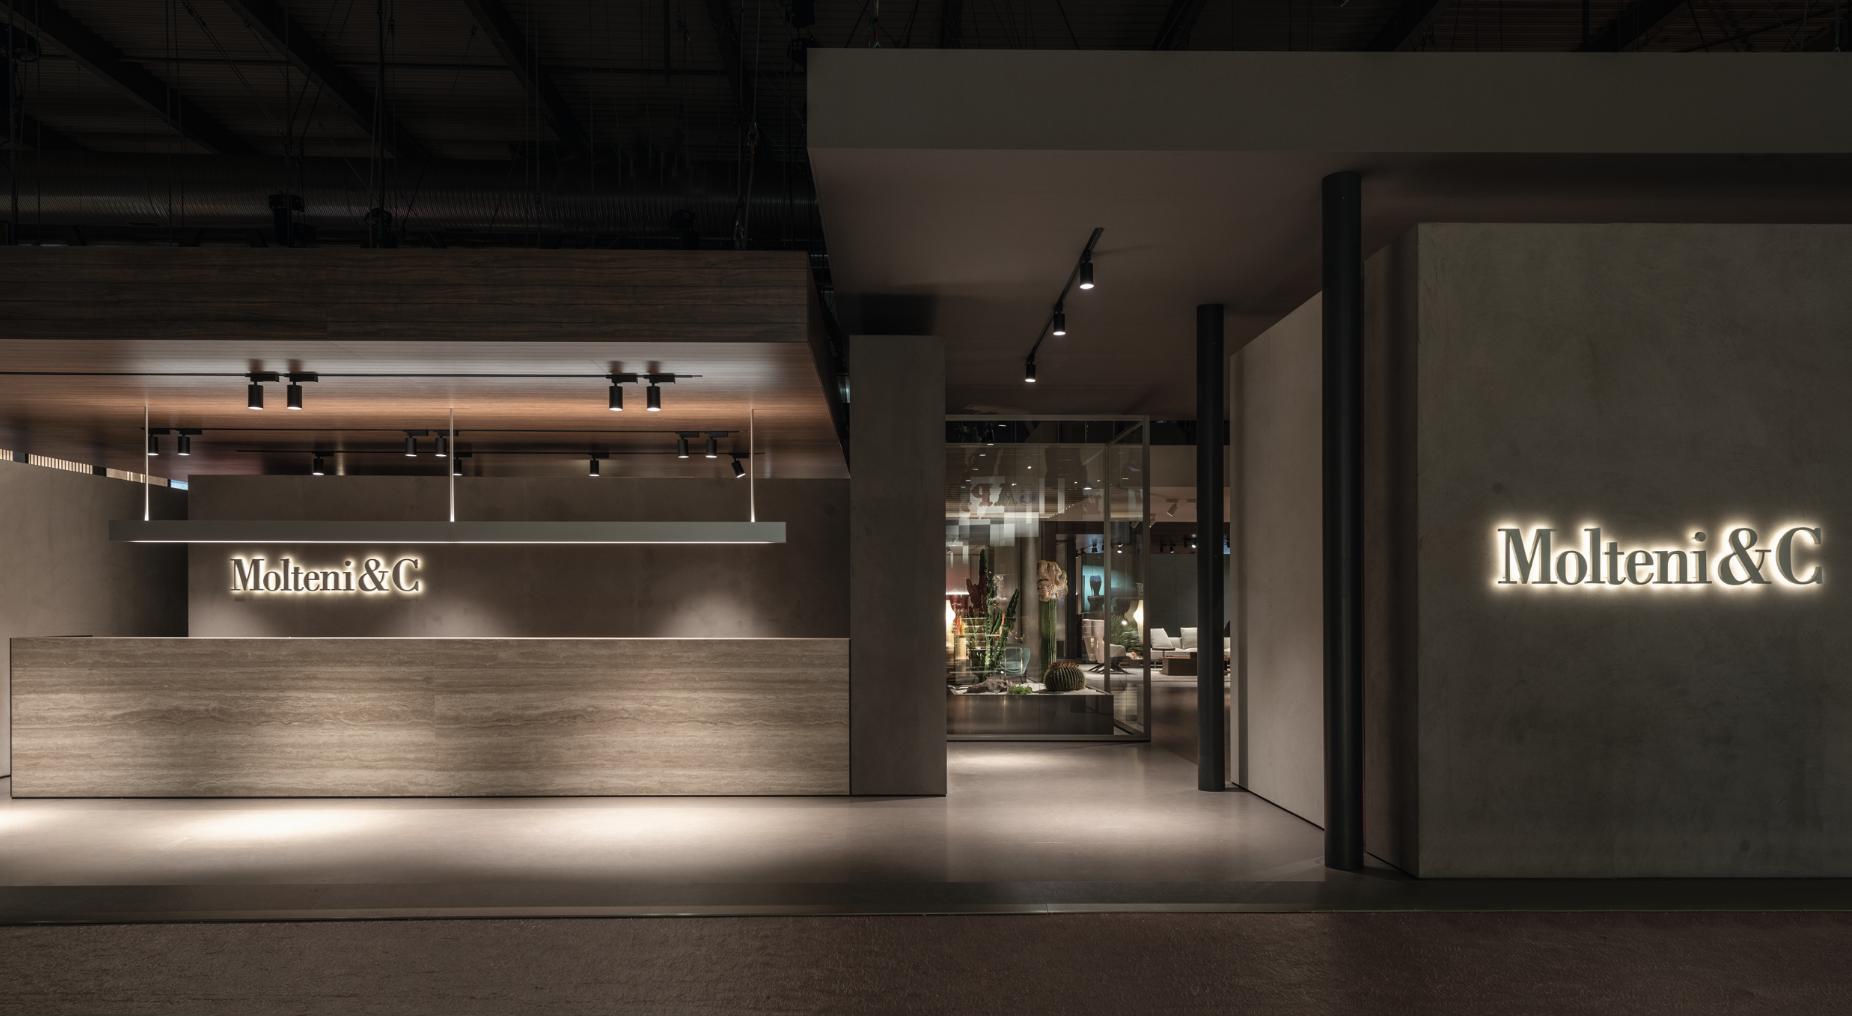 VVDA_2019_Molteni&C Exhibition Stand Il Salone Del Mobile 2